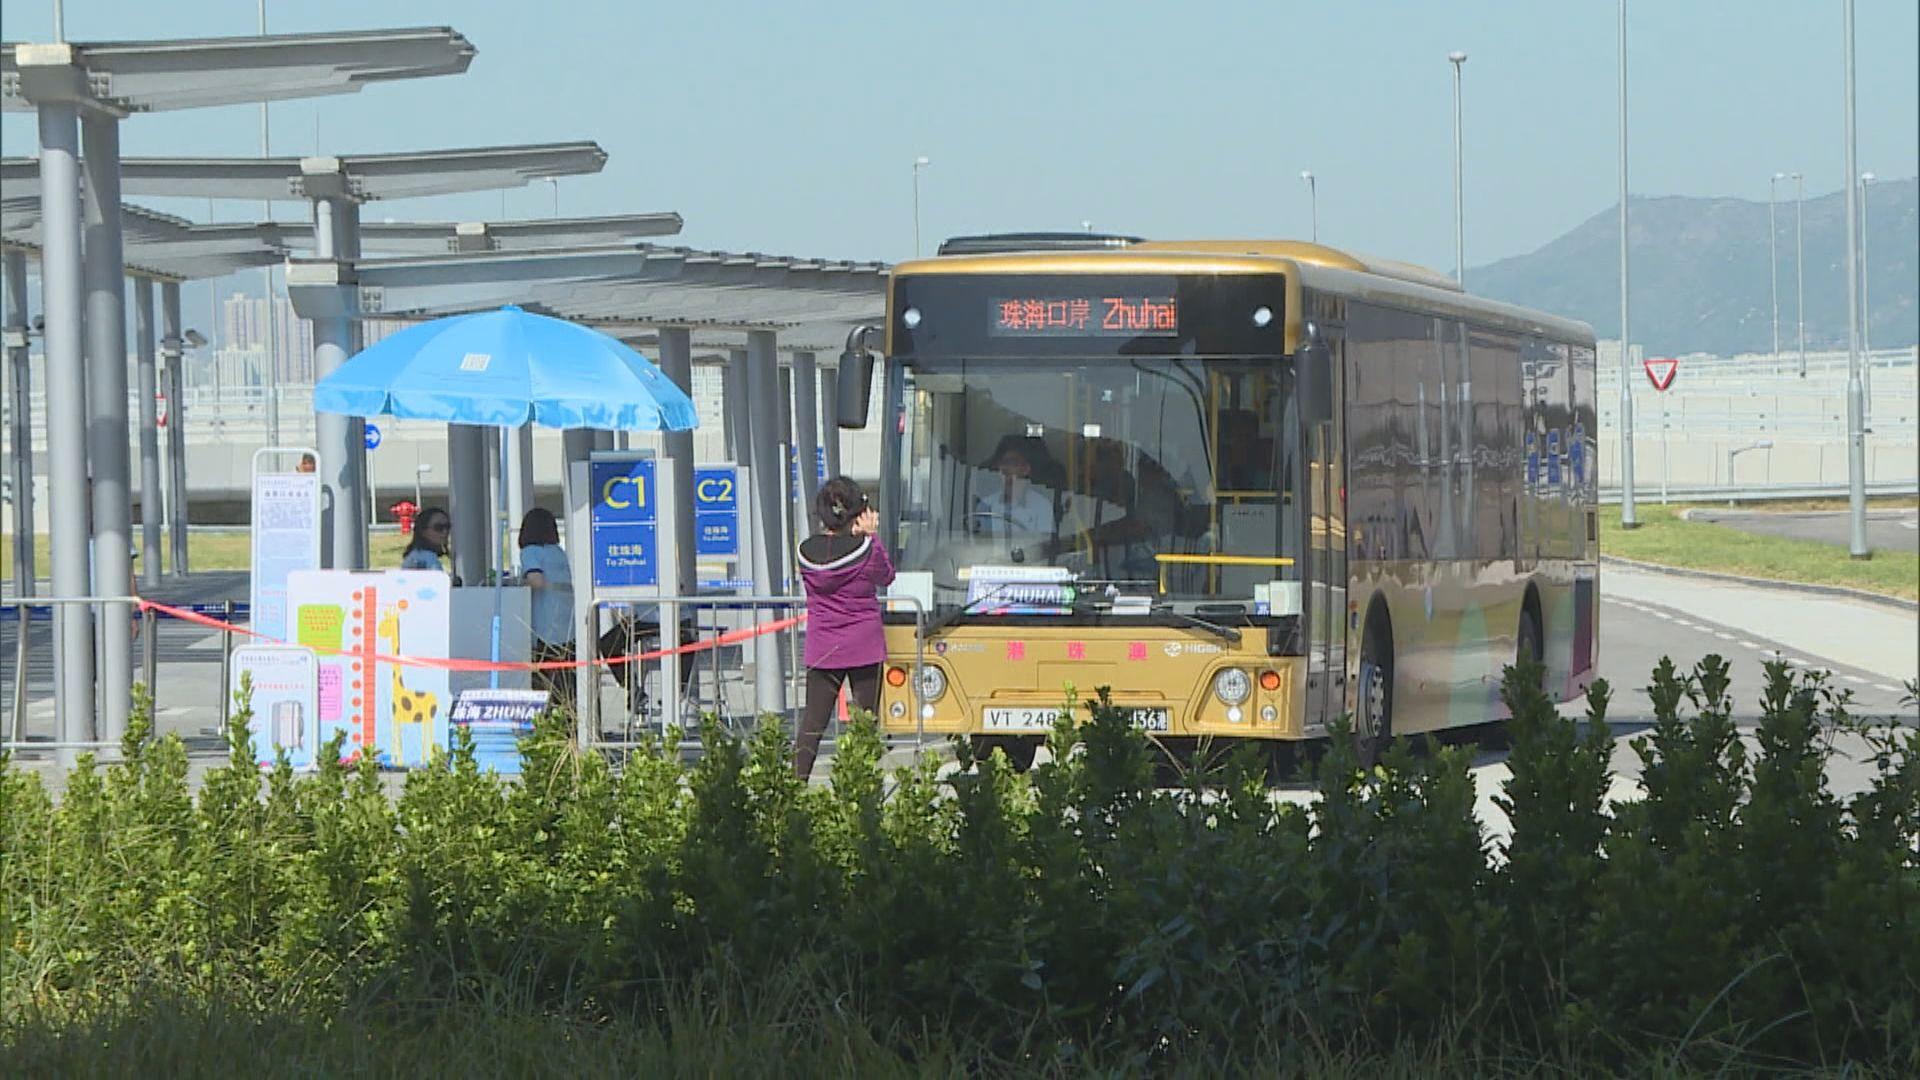 業界倡口岸截龍或「金巴」租車增加班次